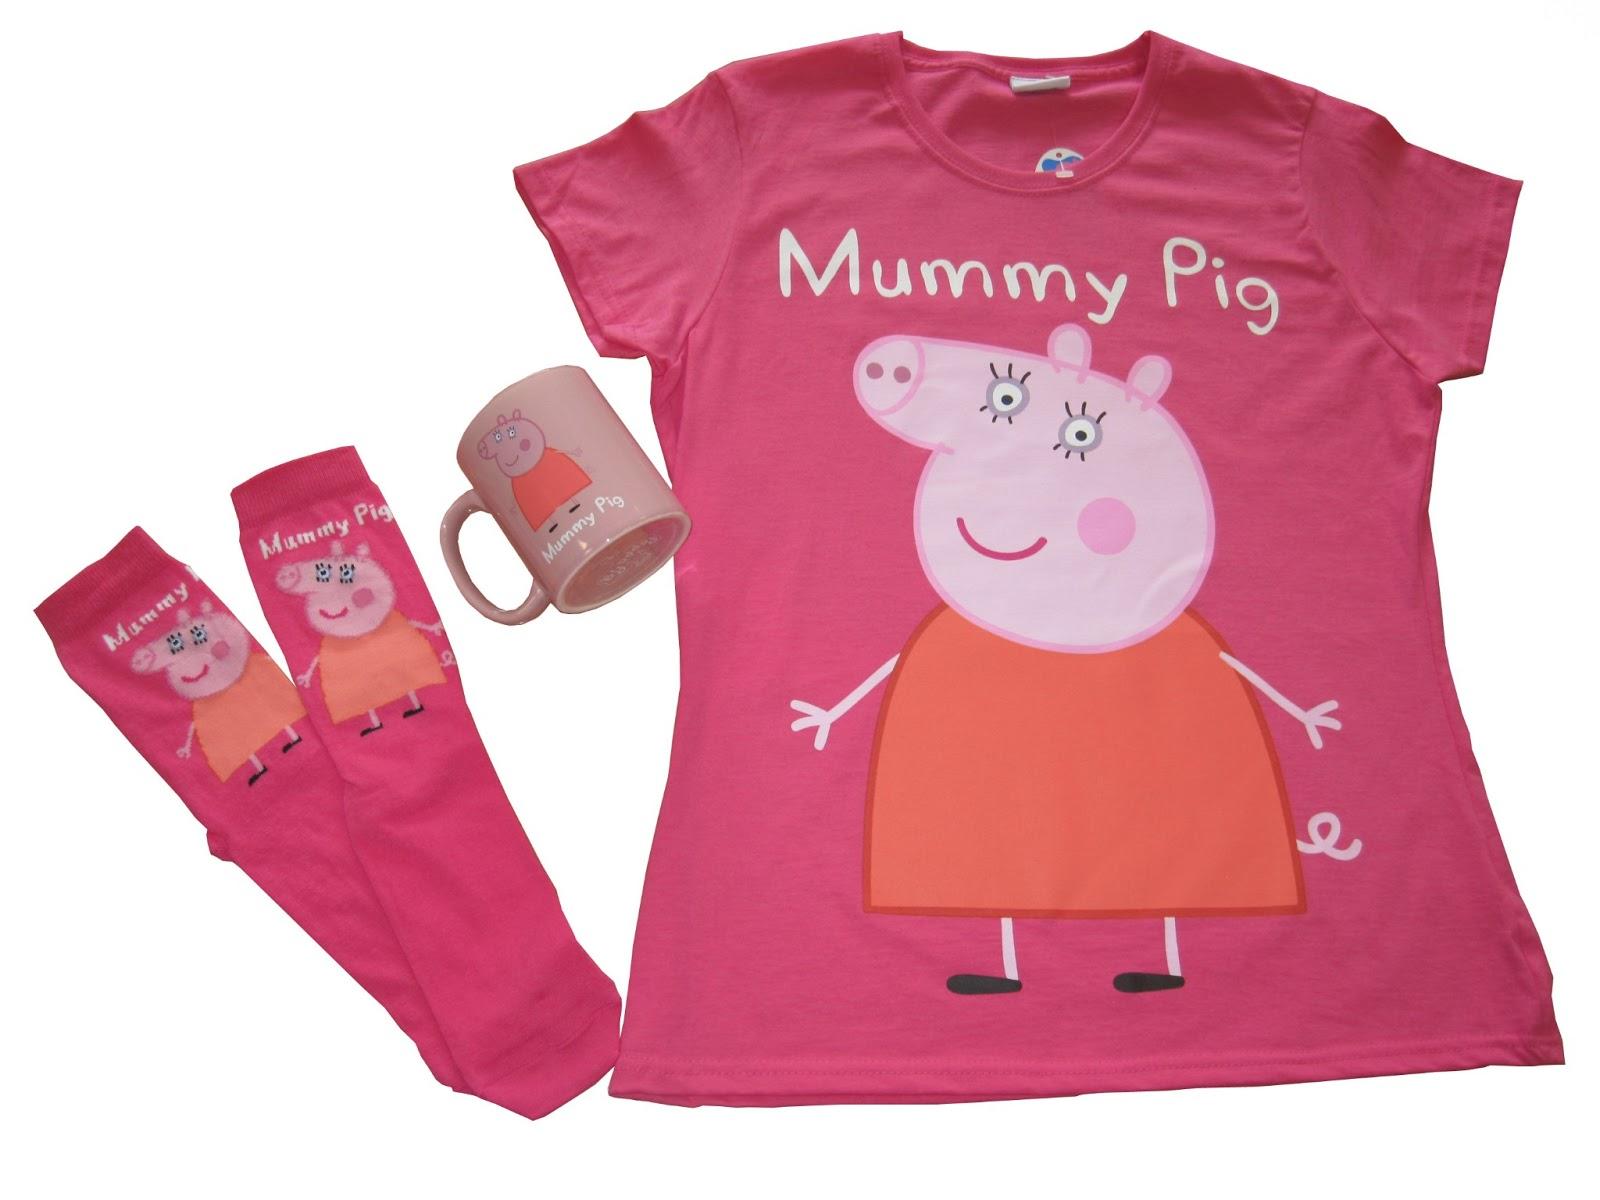 hartlepool family peppa pig world online toy shop. Black Bedroom Furniture Sets. Home Design Ideas